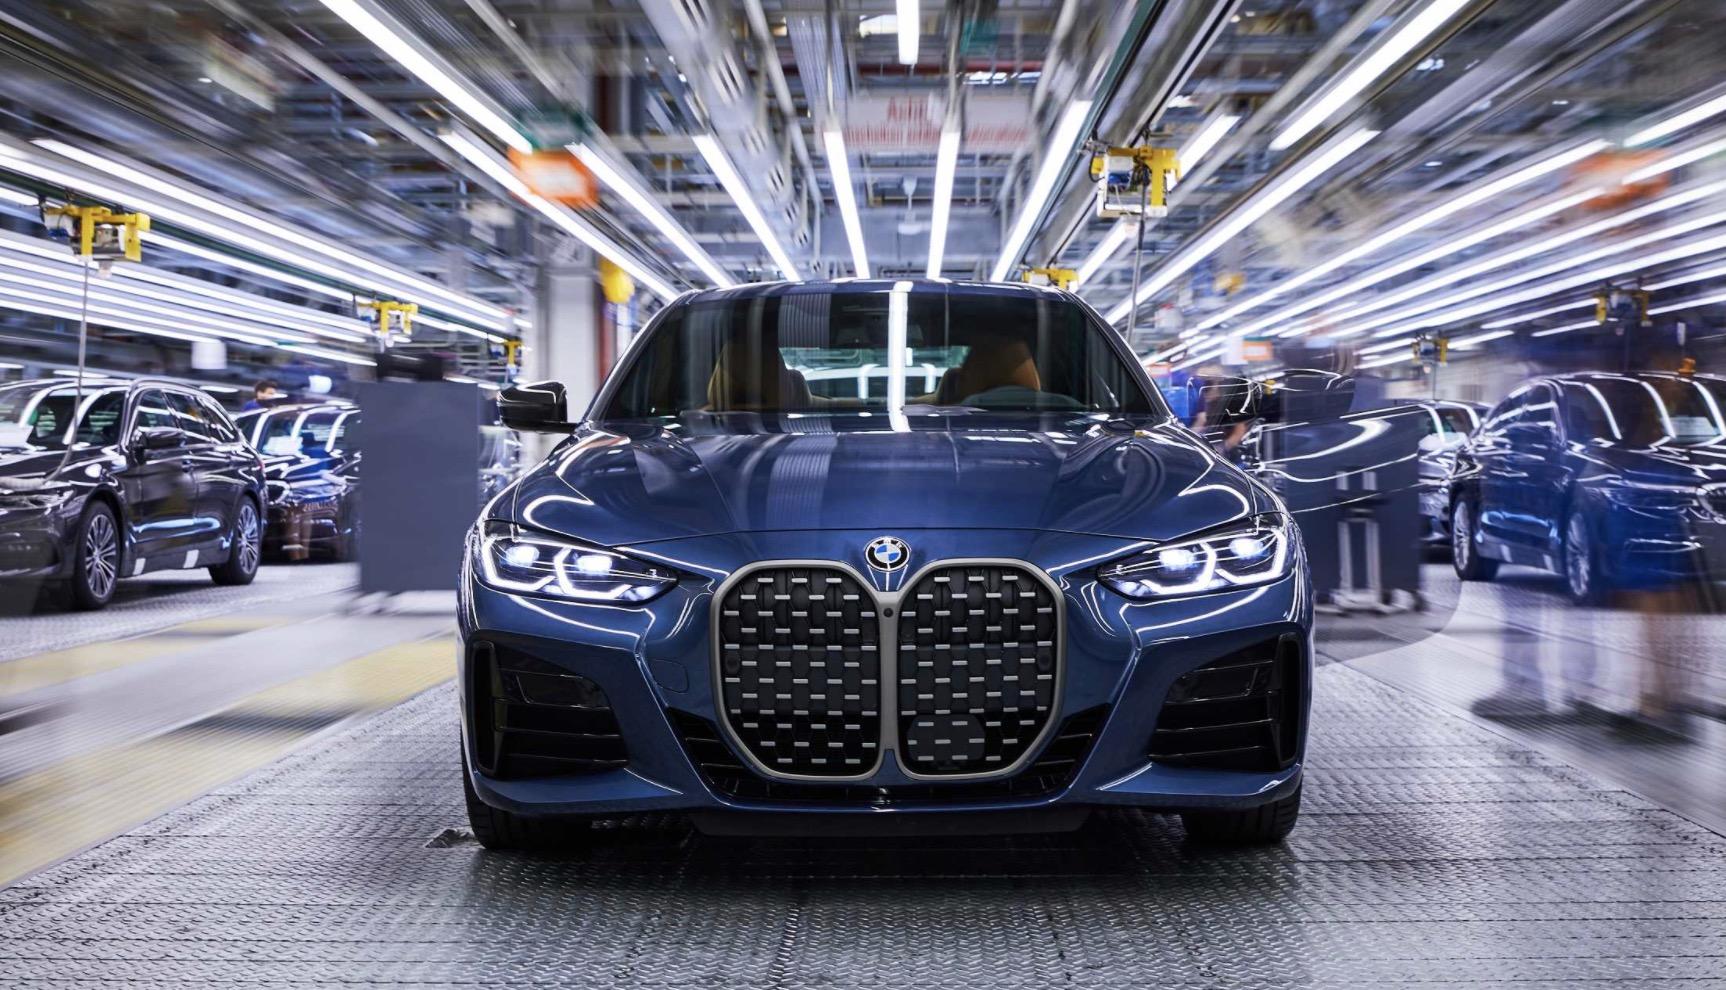 提升电动车生产能力,宝马投资扩充工厂生产线